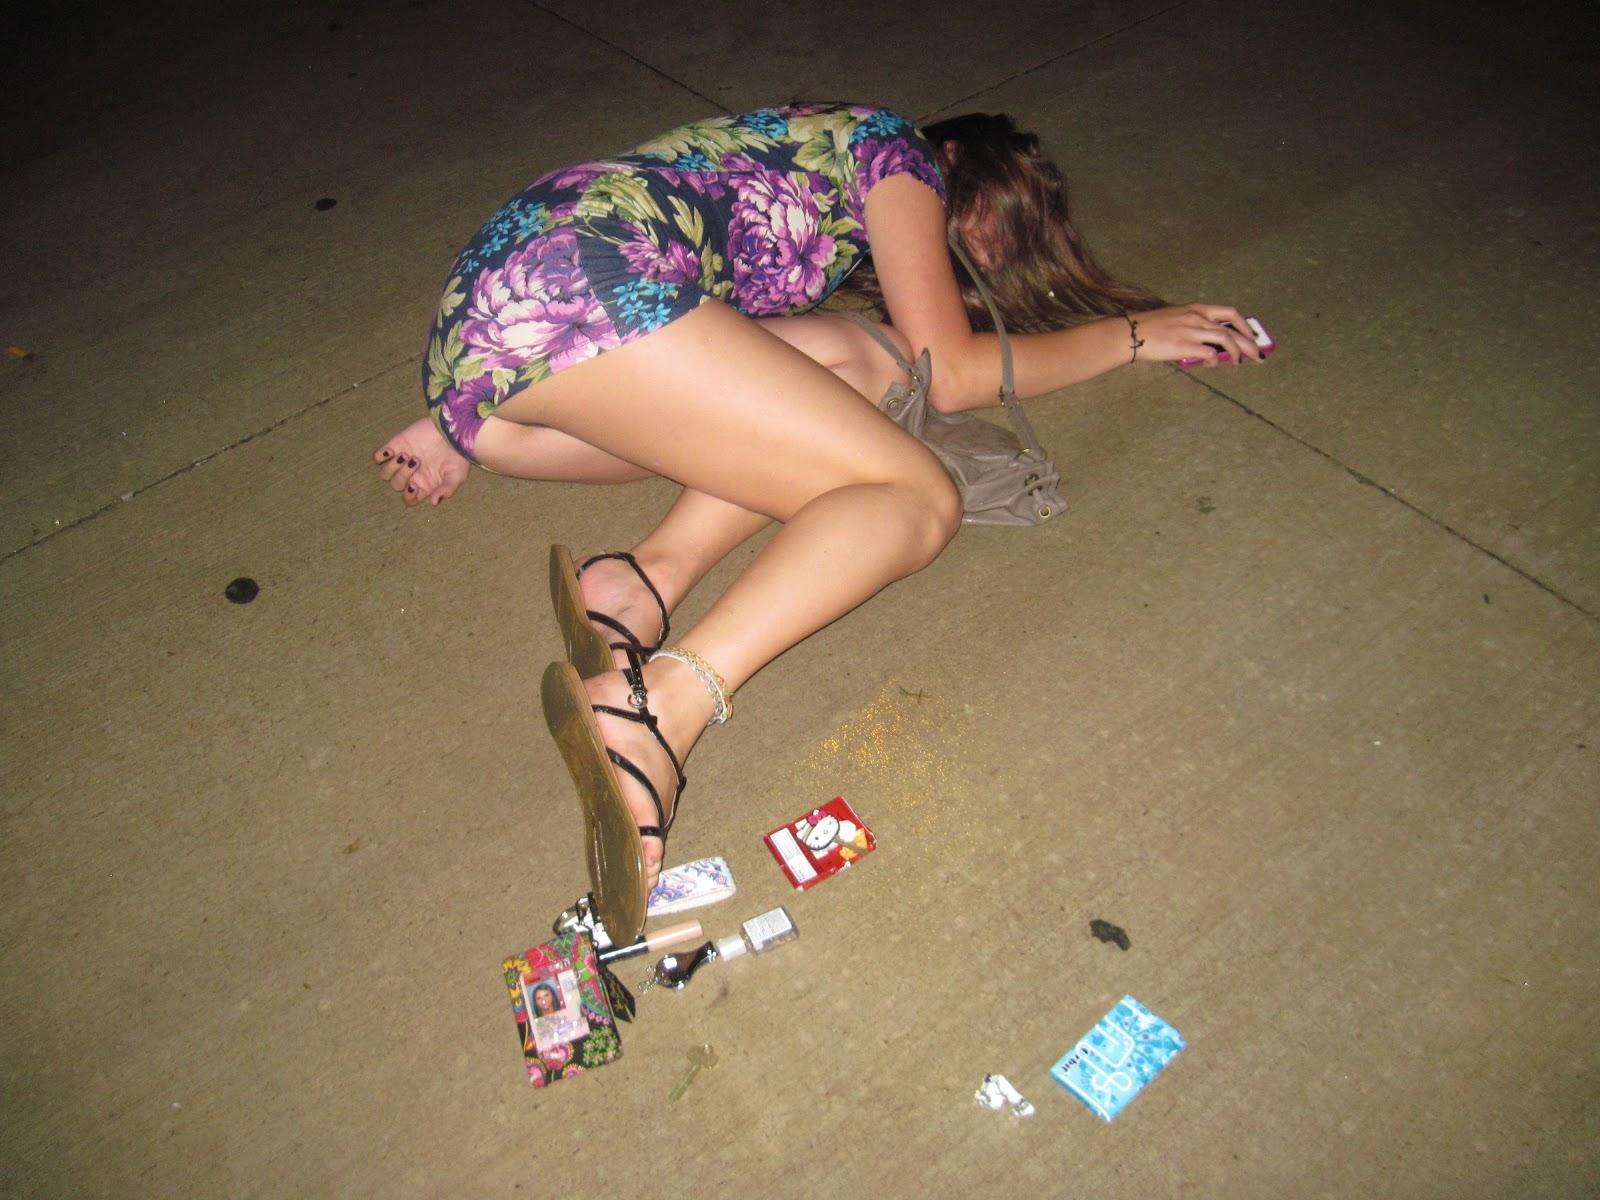 Сайт о пьяных женщинах, Фотографии Пьяные девушки 3 альбома ВКонтакте 2 фотография